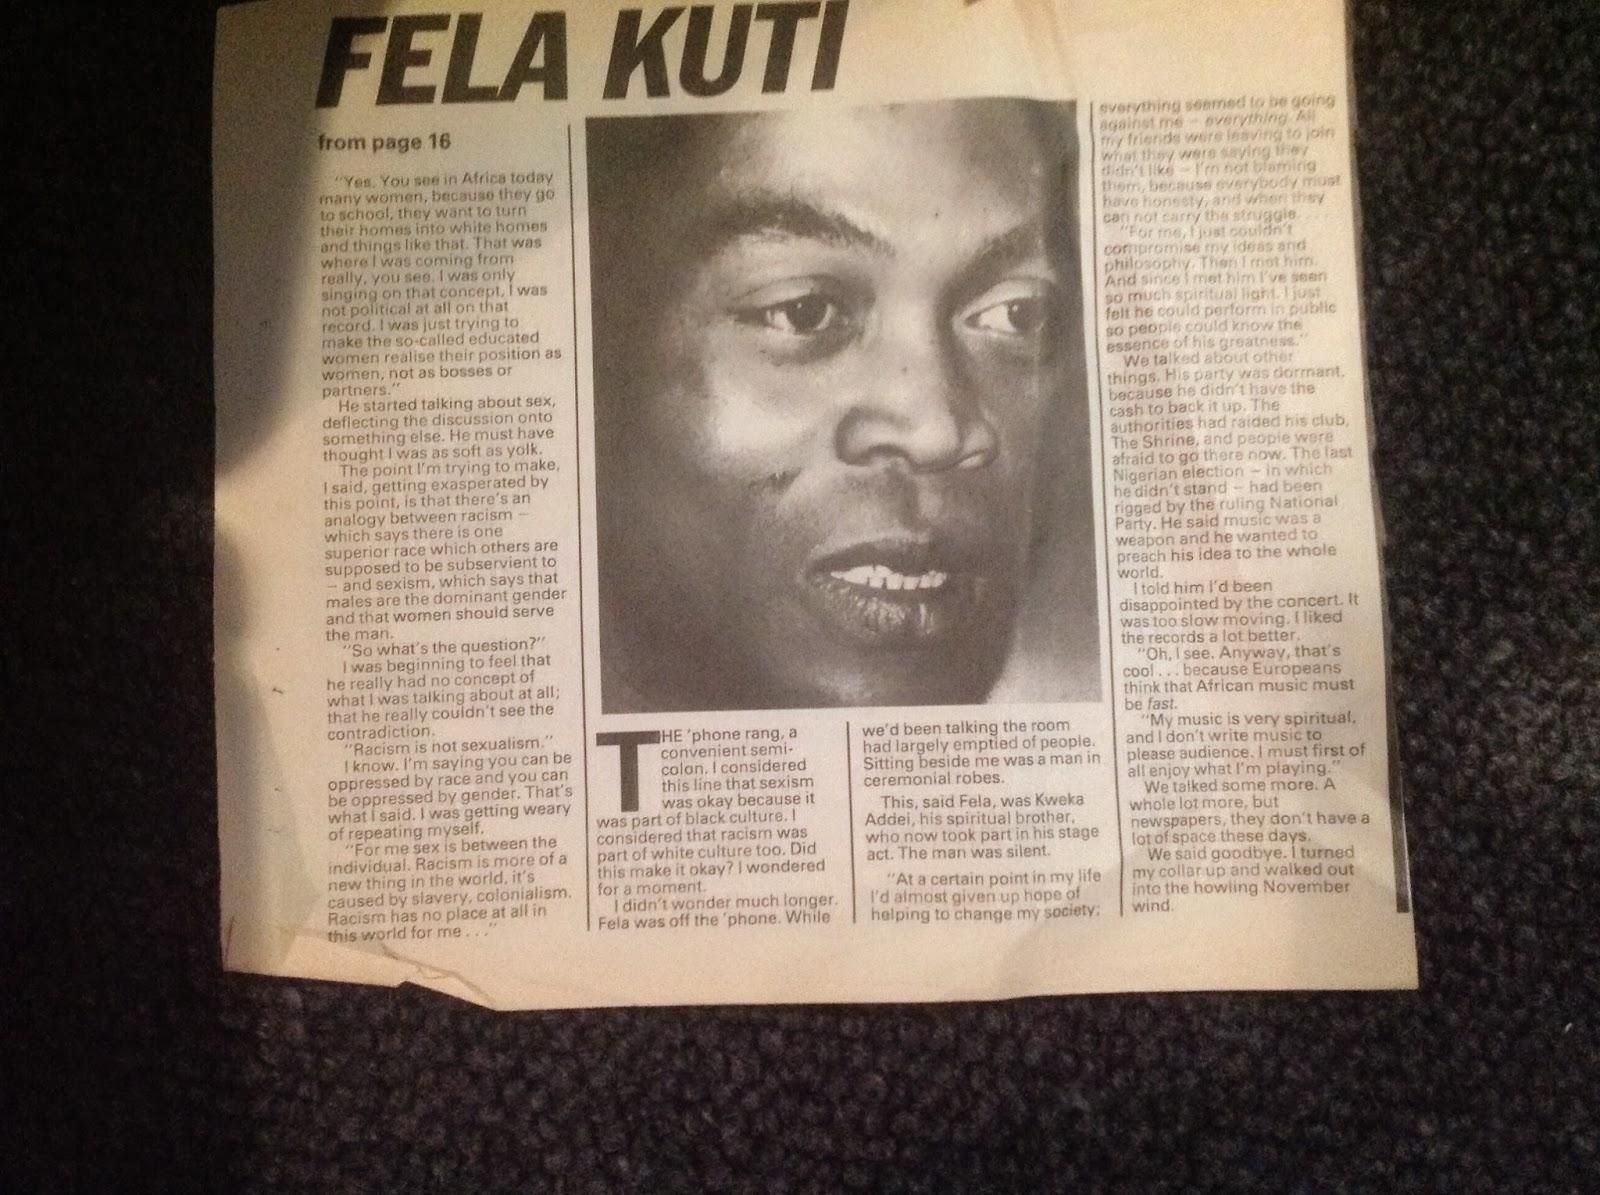 1983: Brat interviewer boxes Fela Kuti's ears | Eyes Wired Open